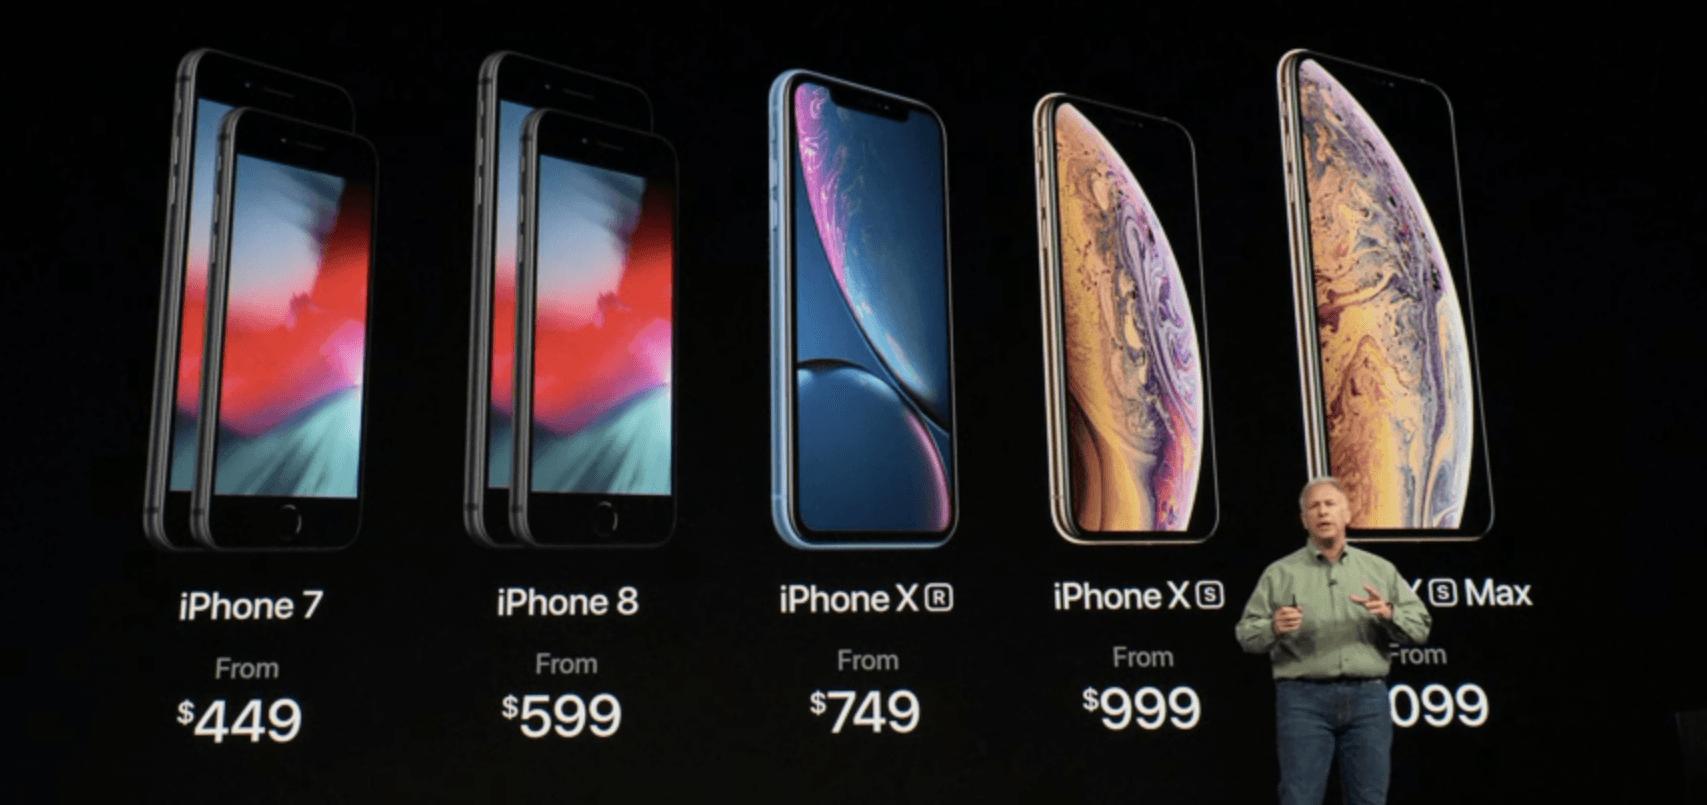 好记星点读机价格外界一直在猜测 6.1 英寸 iPhone 会如何命名